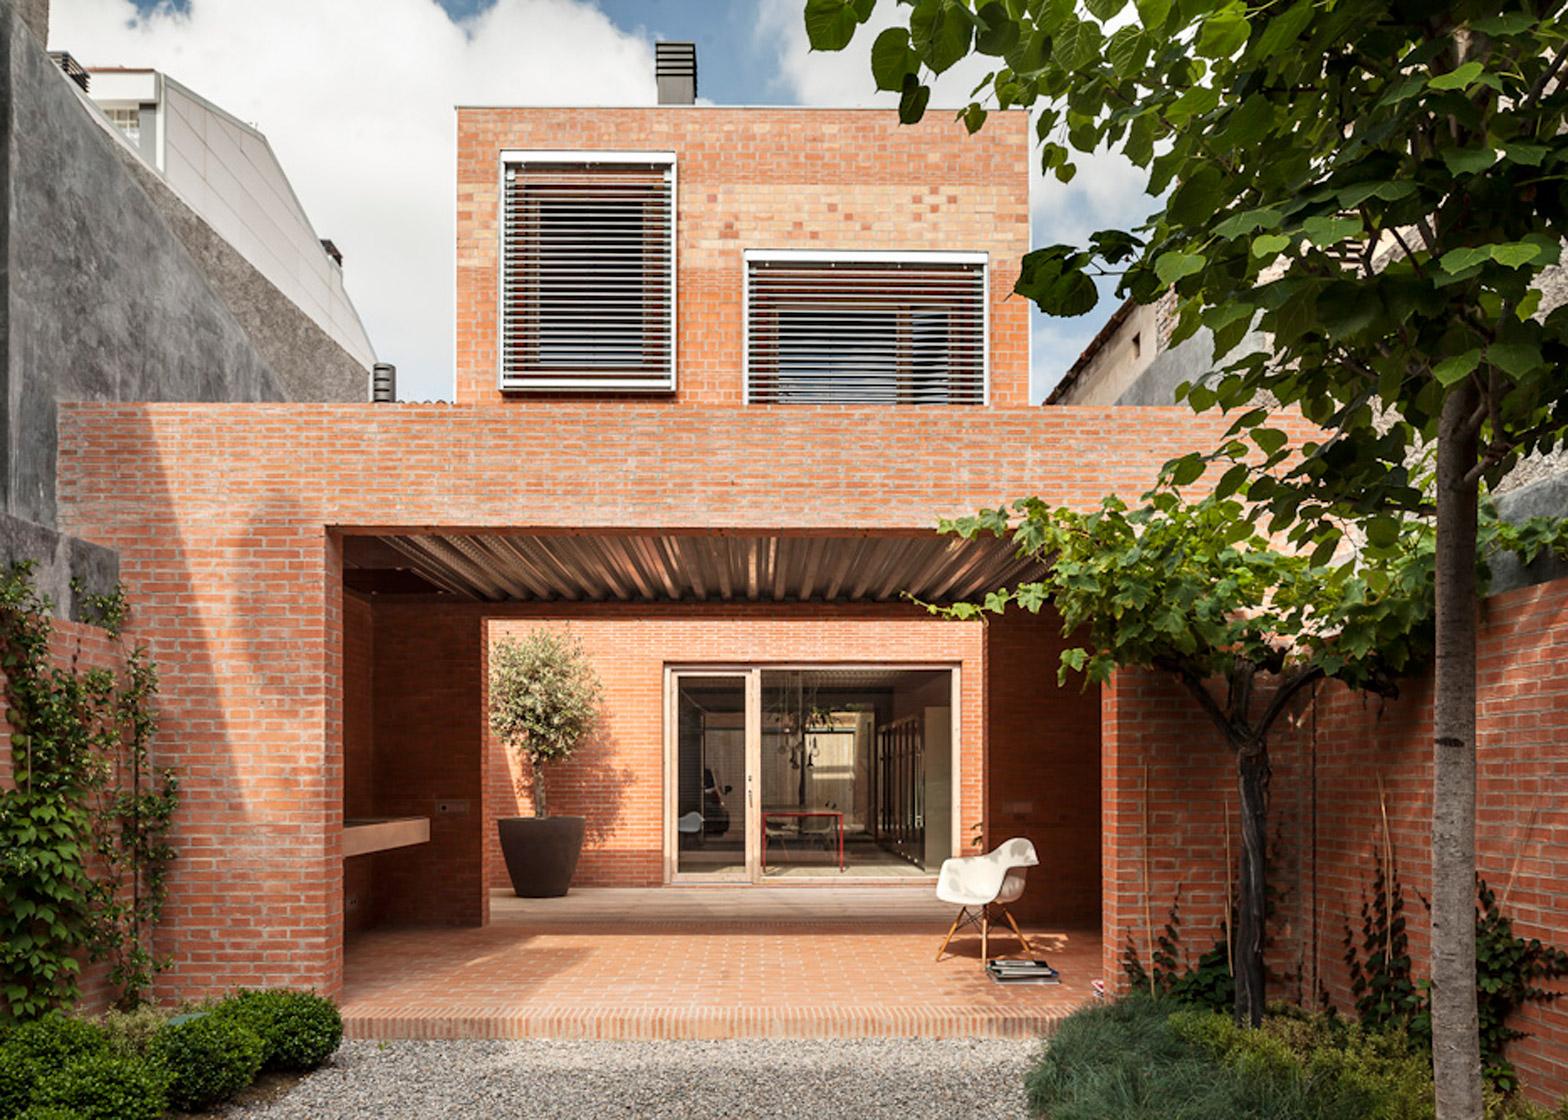 Dezeen's top 10 houses of 2015